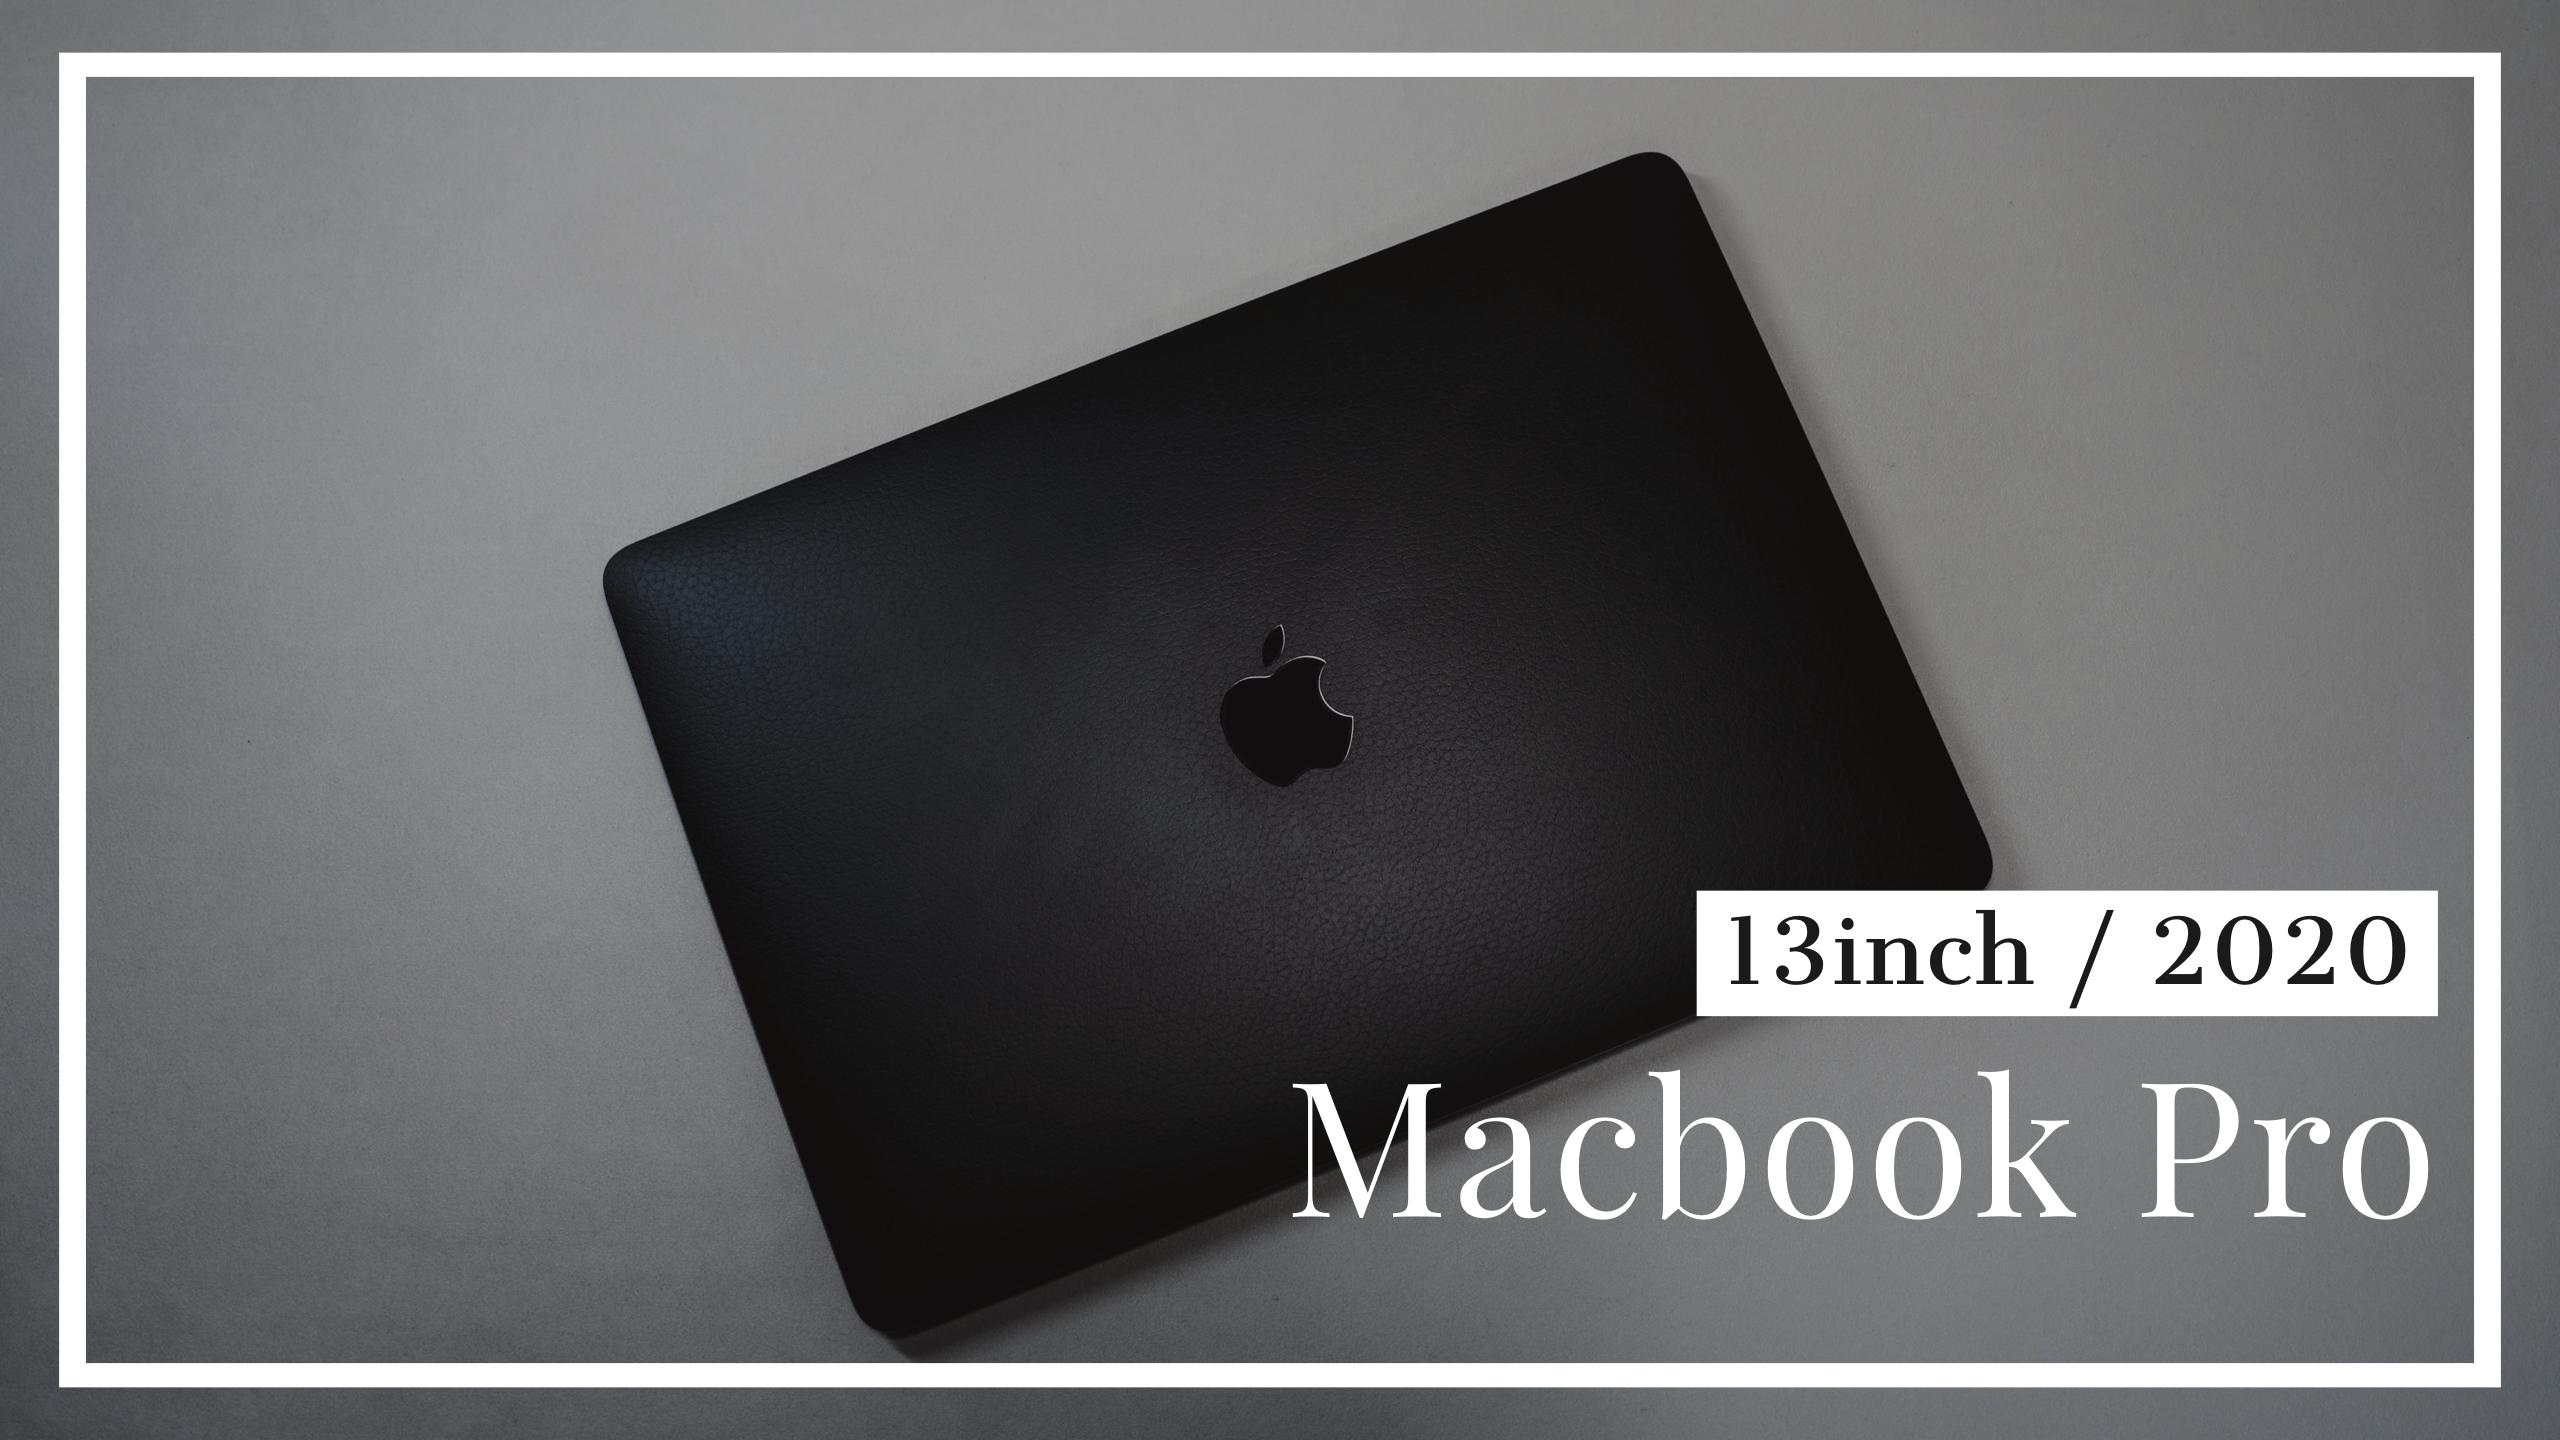 Macbook Pro 13インチ 2020を購入レビュー!用途や気になる疑問について